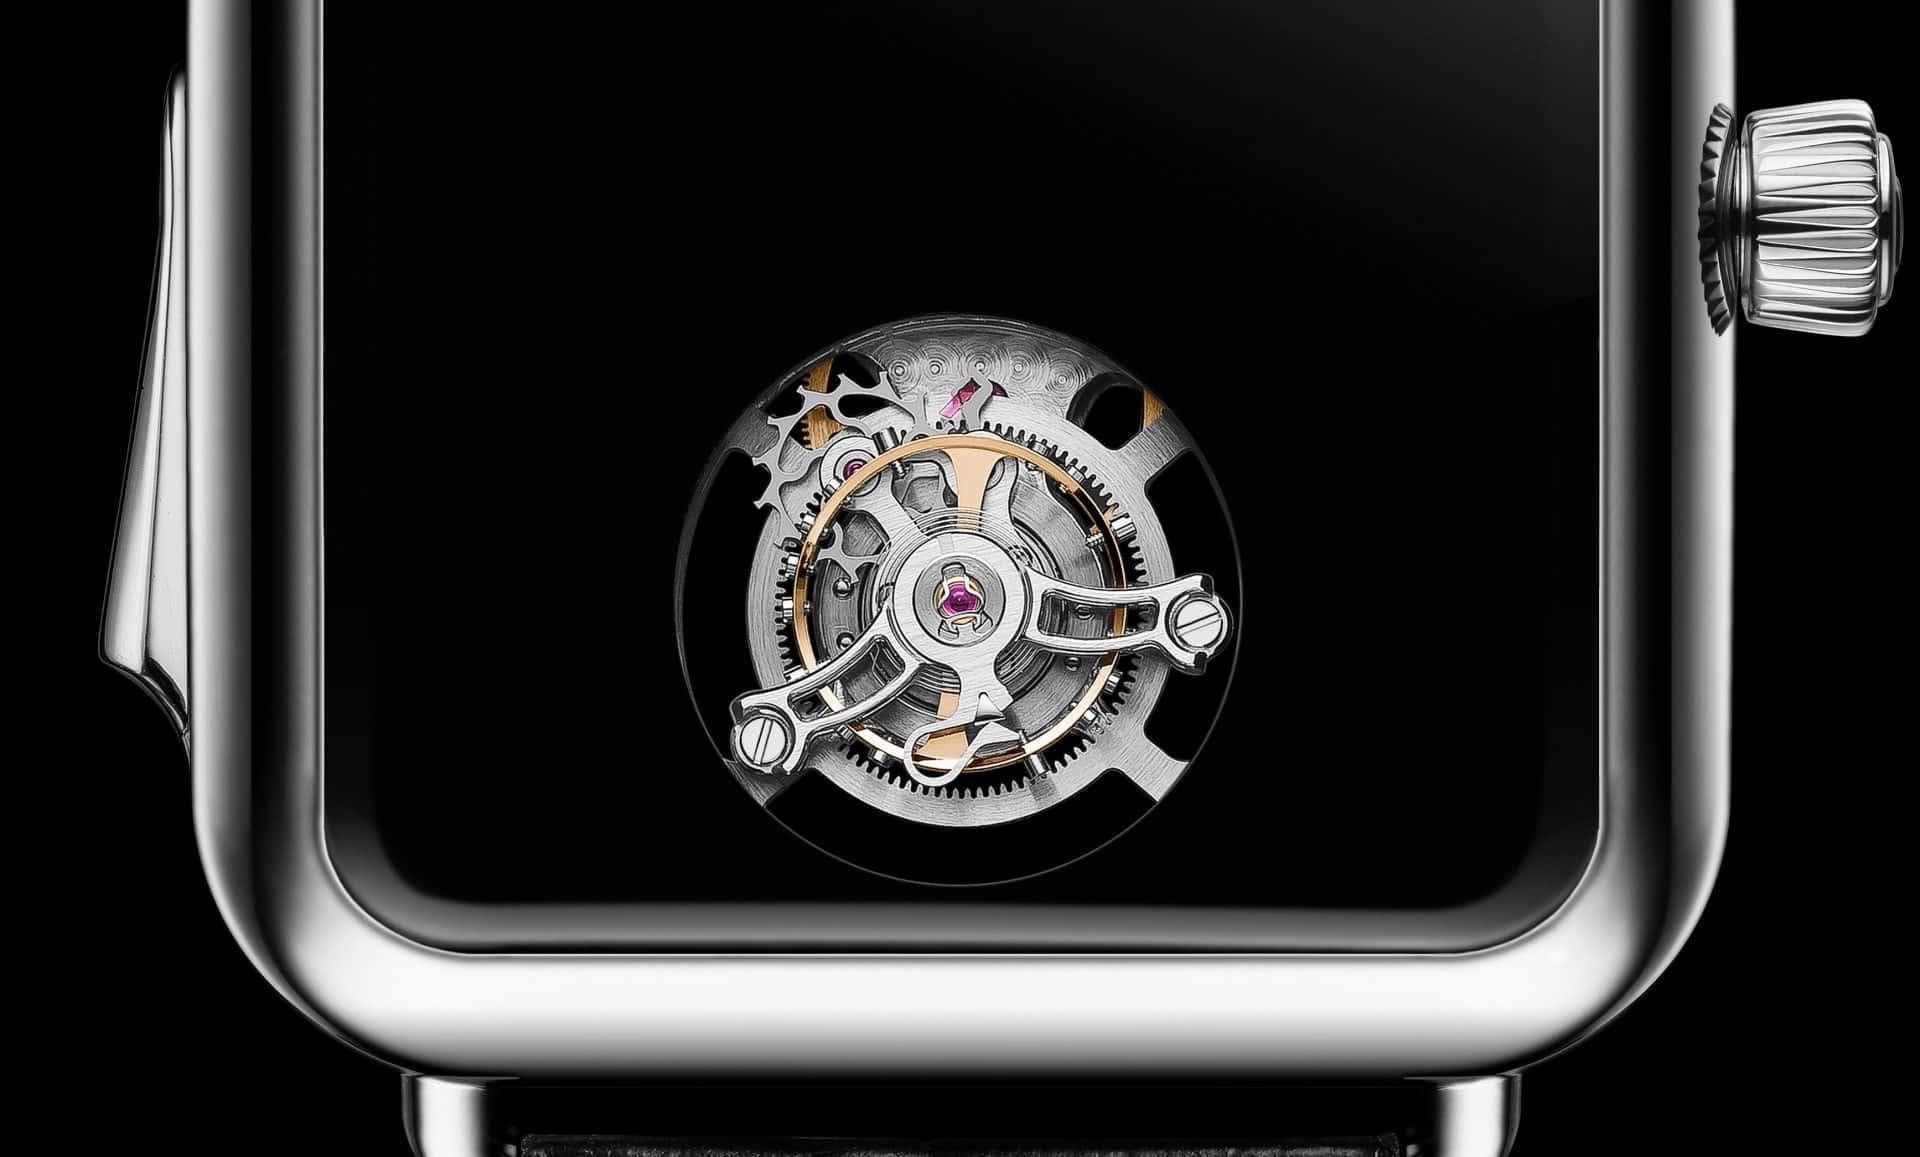 5 Uhren mit Zifferblatt-Ausschnitt und sichtbarer MechanikSeien Sie einsichtig! Eine sichtbare Mechanik und ein offenes Zifferblatt haben ihren Reiz